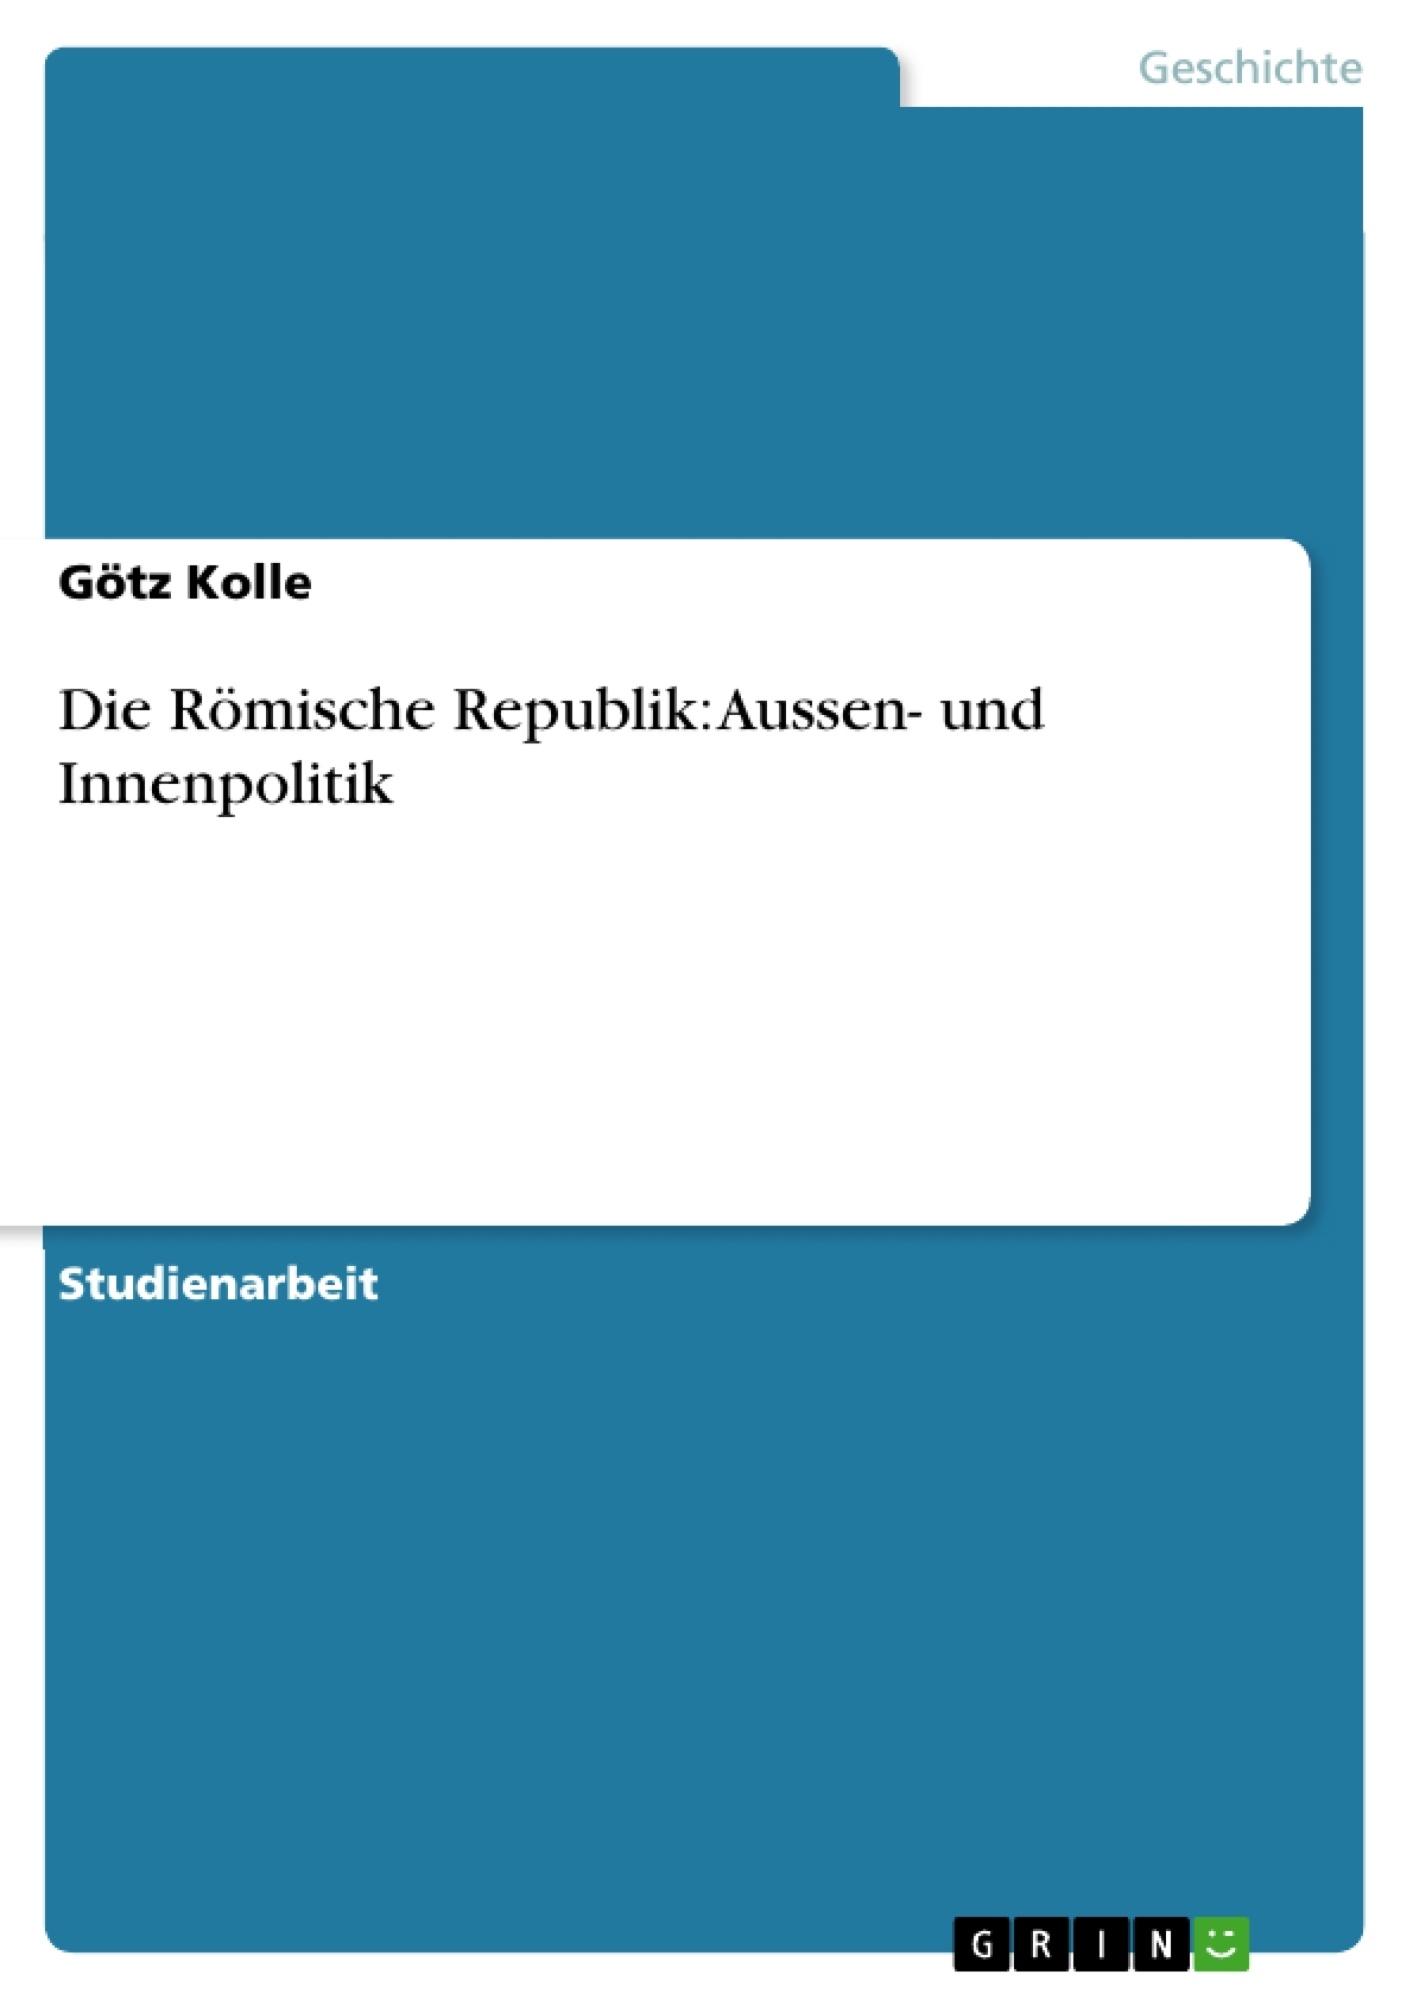 Titel: Die Römische Republik: Aussen- und Innenpolitik